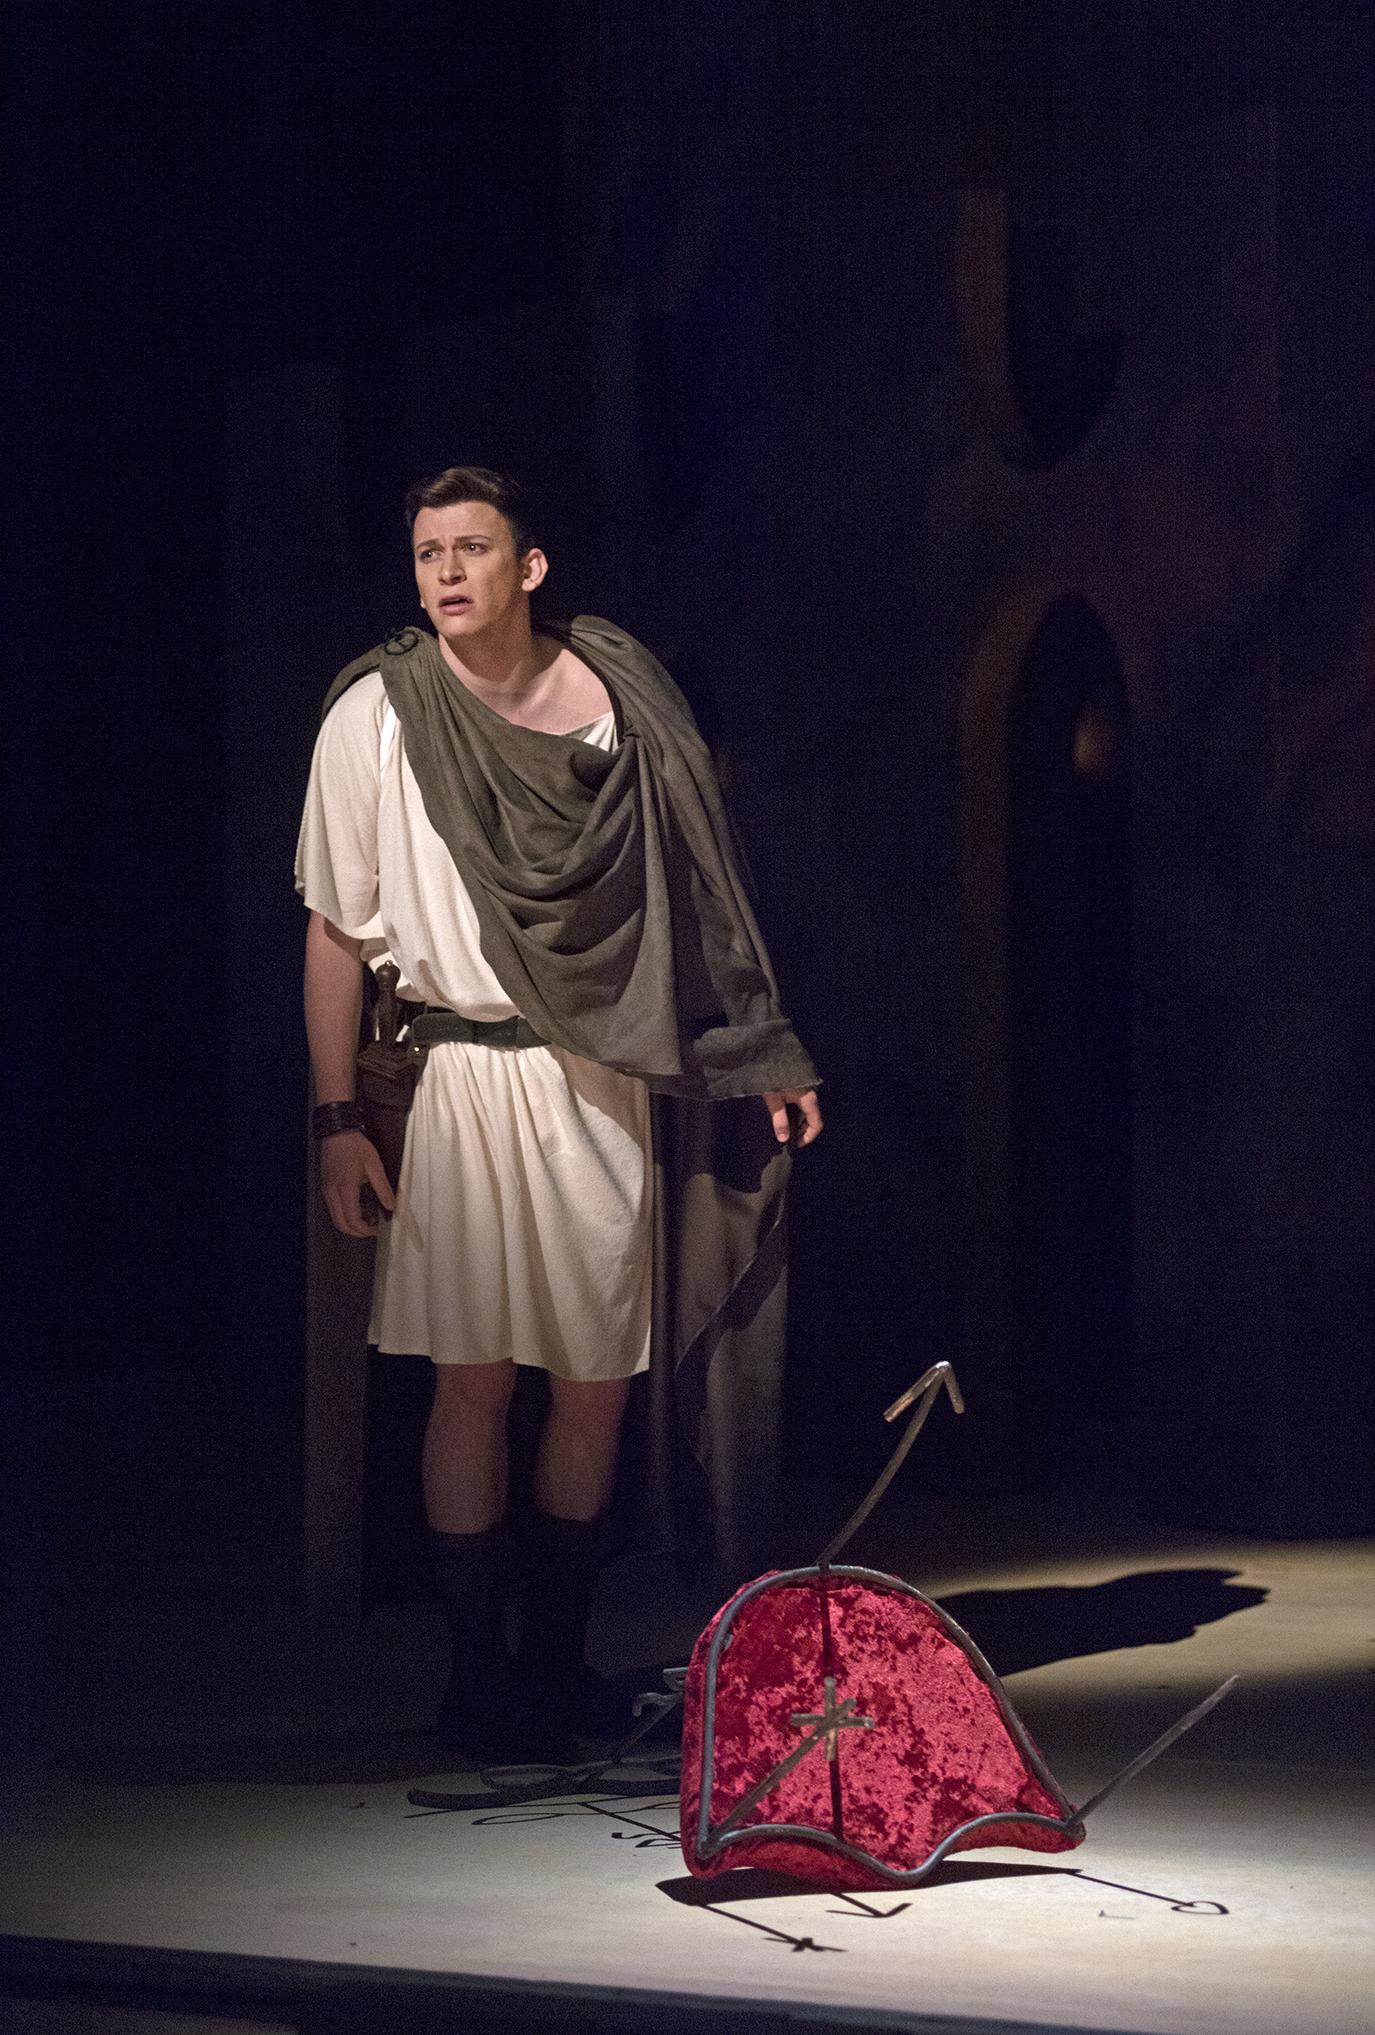 Ottone in L'incoronazione di Poppea